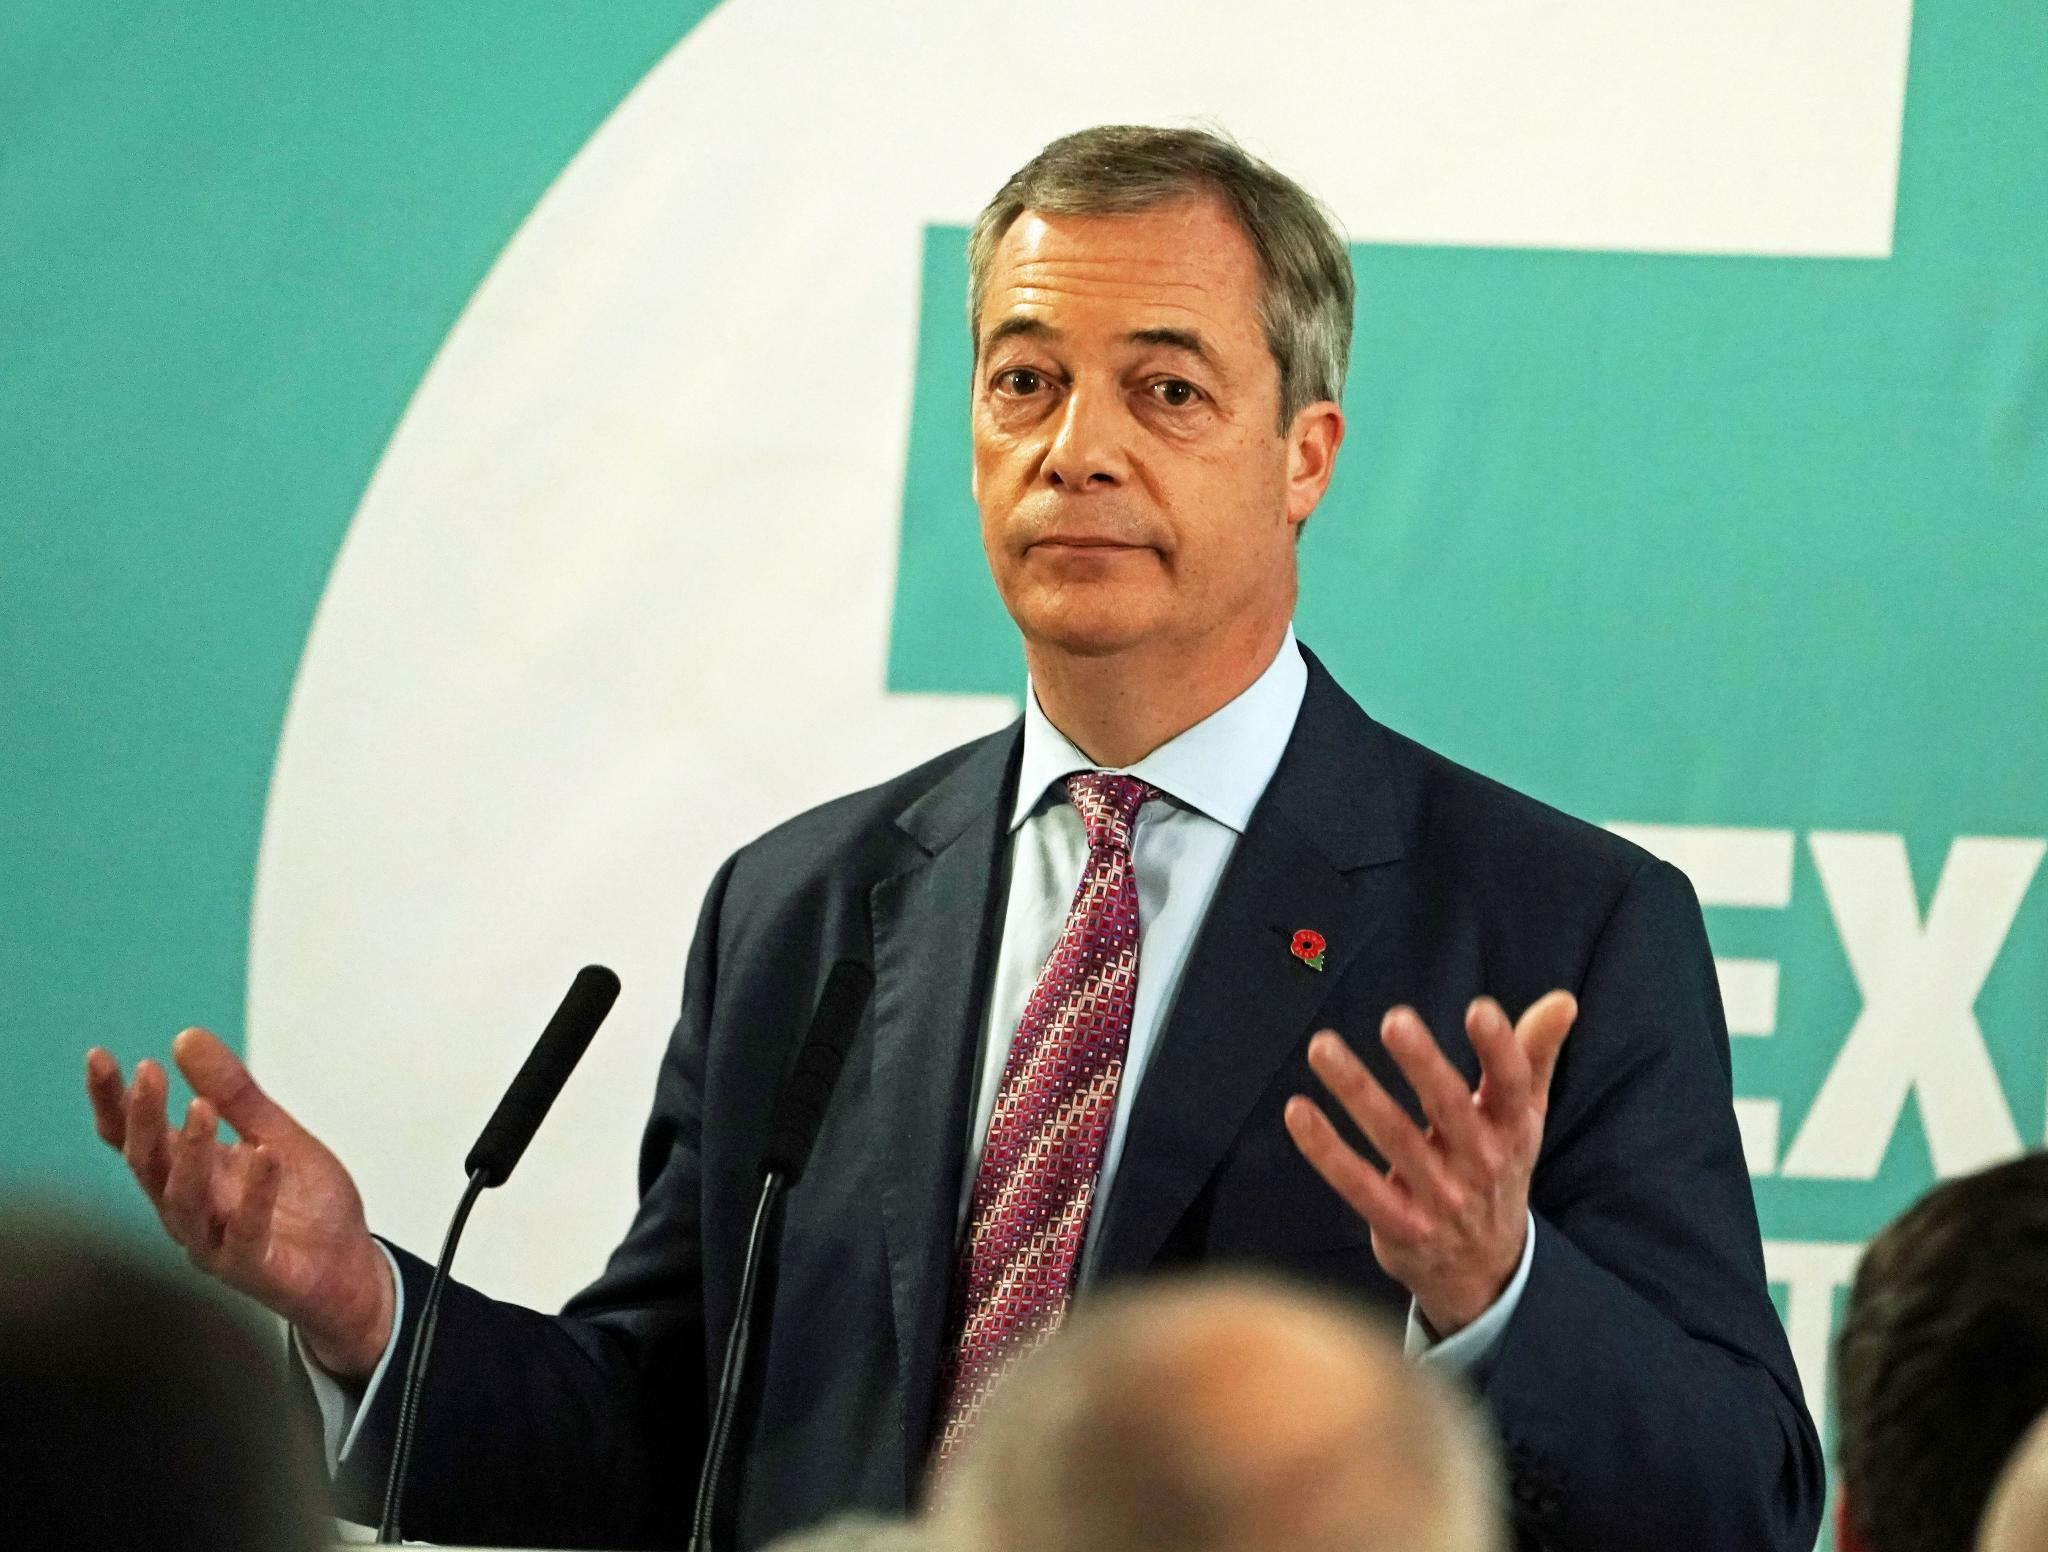 Farage knickt im Streit mit Tories um Brexit-Wähler teilweise ein